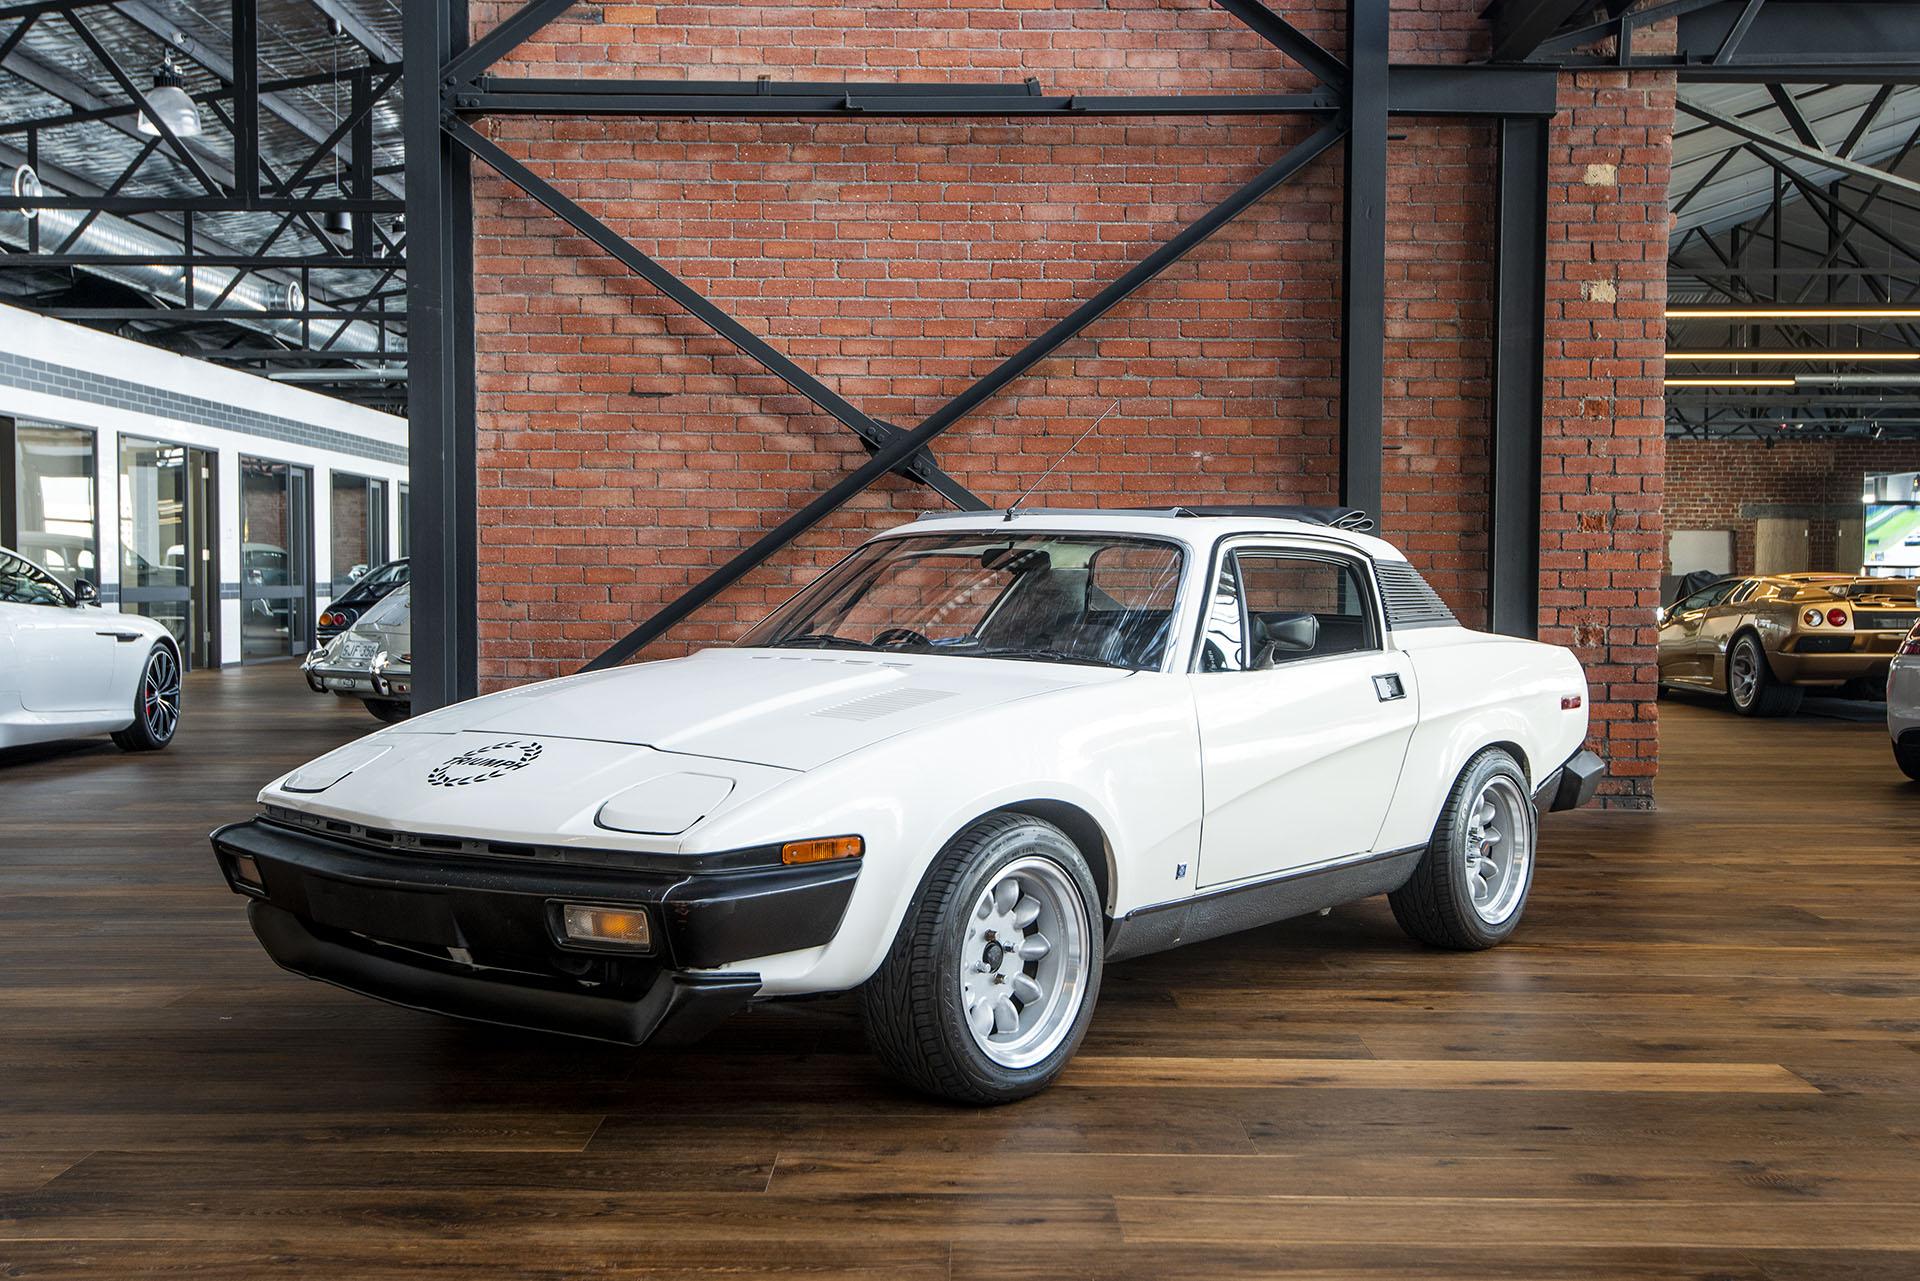 1978 Triumph TR7 V8 - Richmonds - Classic and Prestige Cars